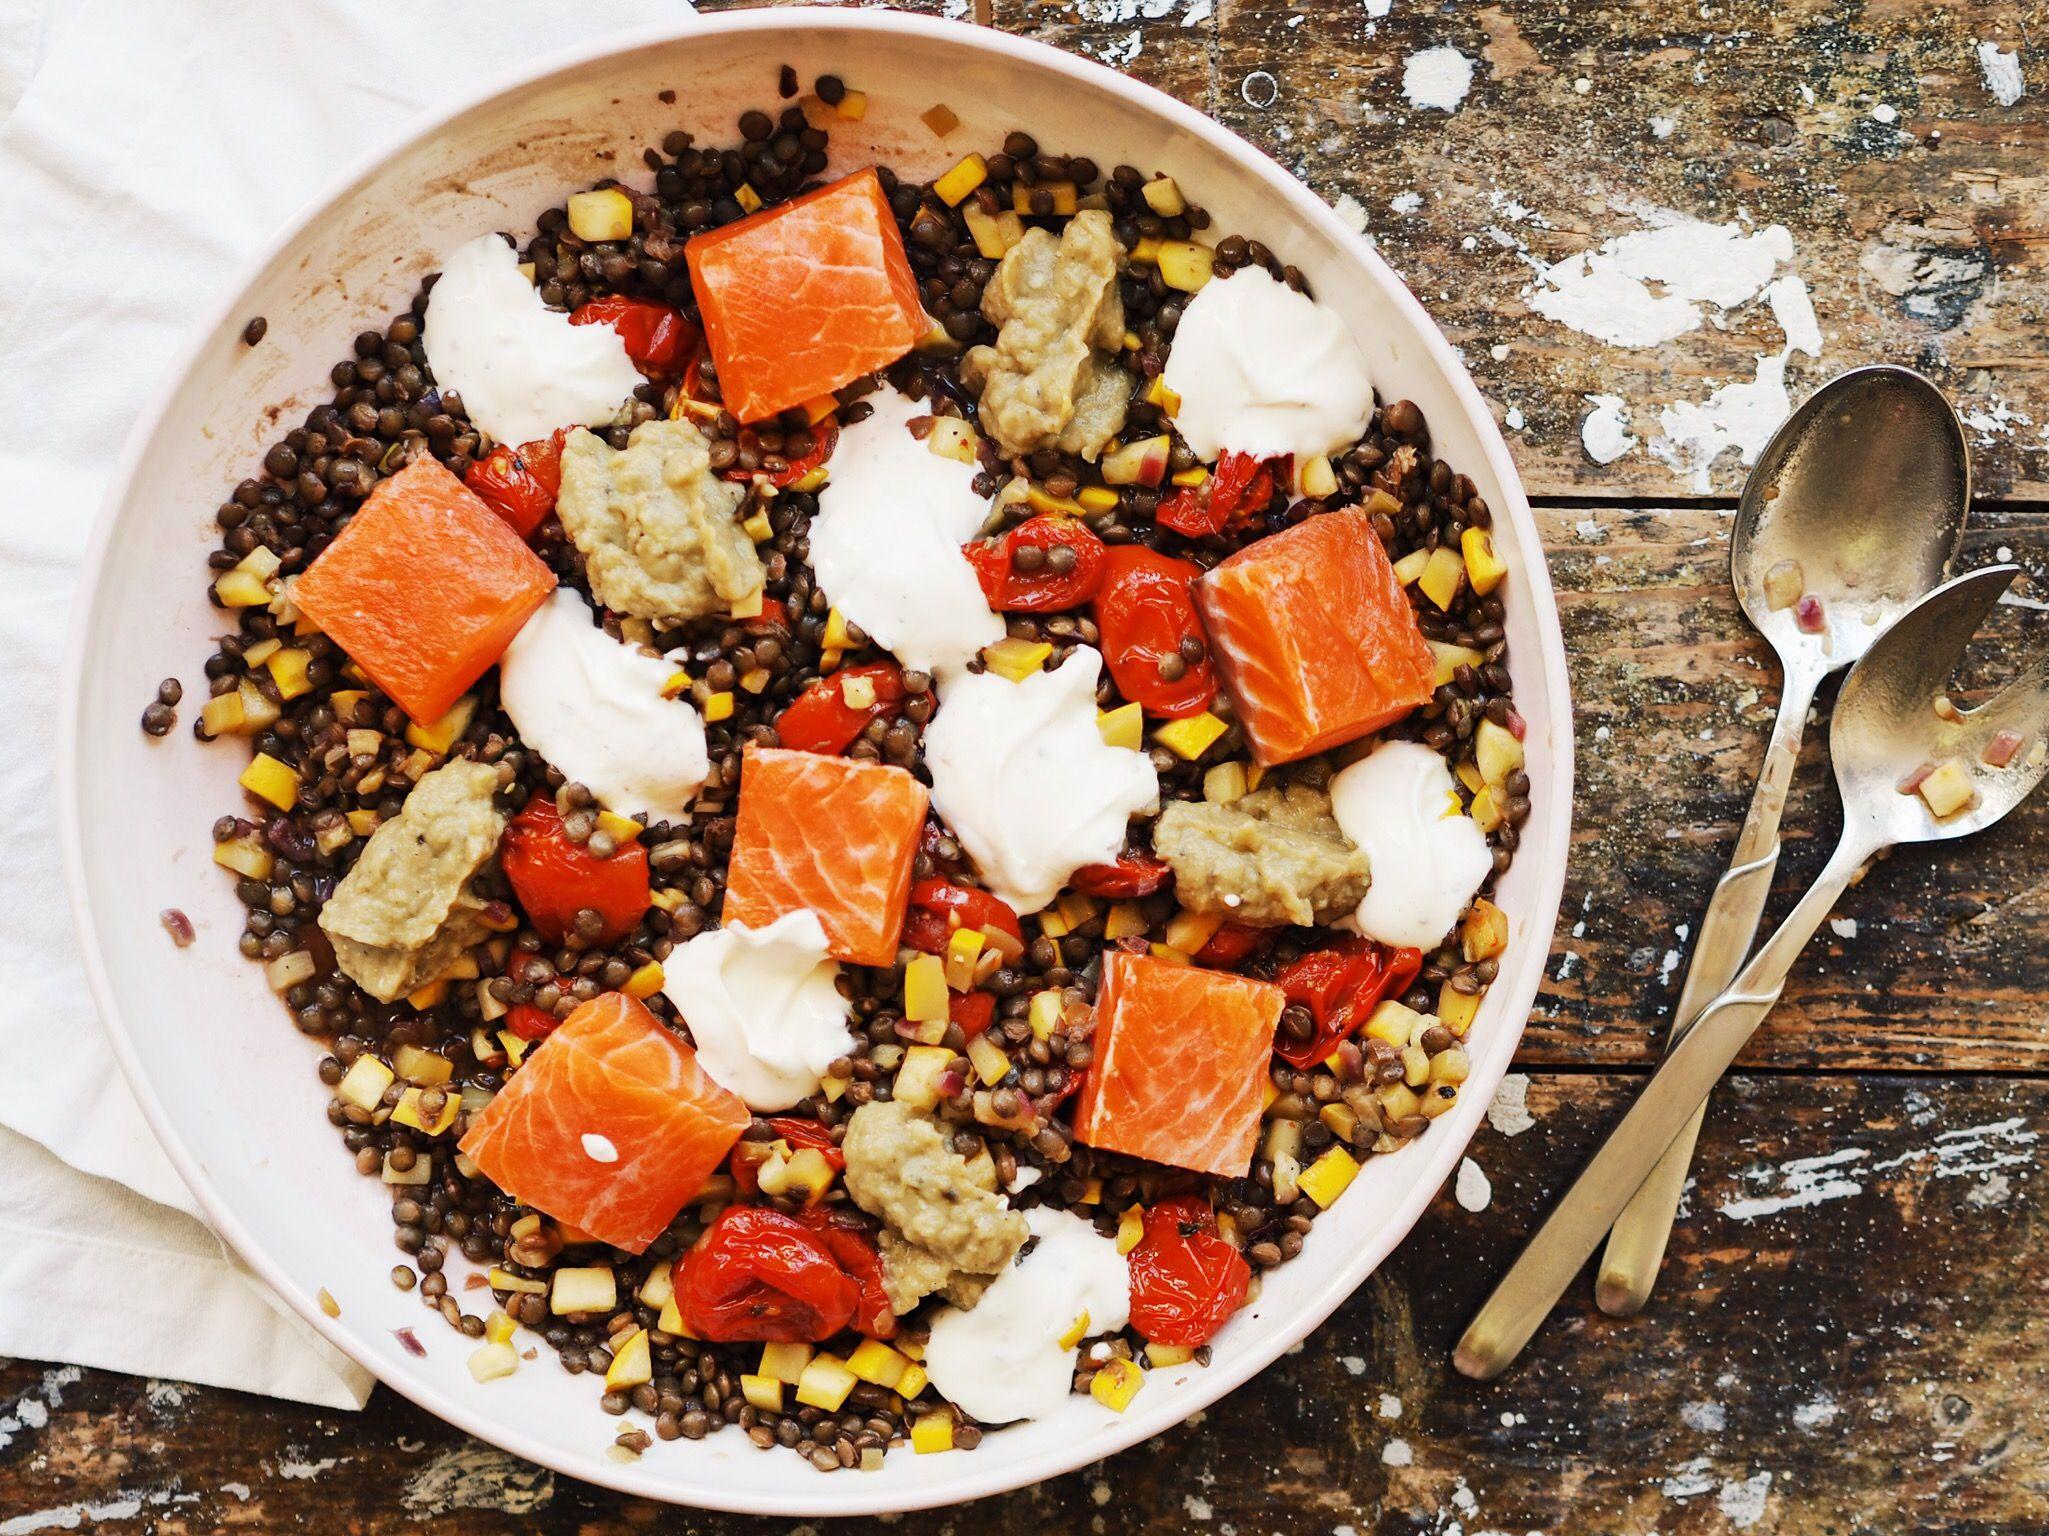 Linsensalat mit Lachs, Tomaten und Auberginendip